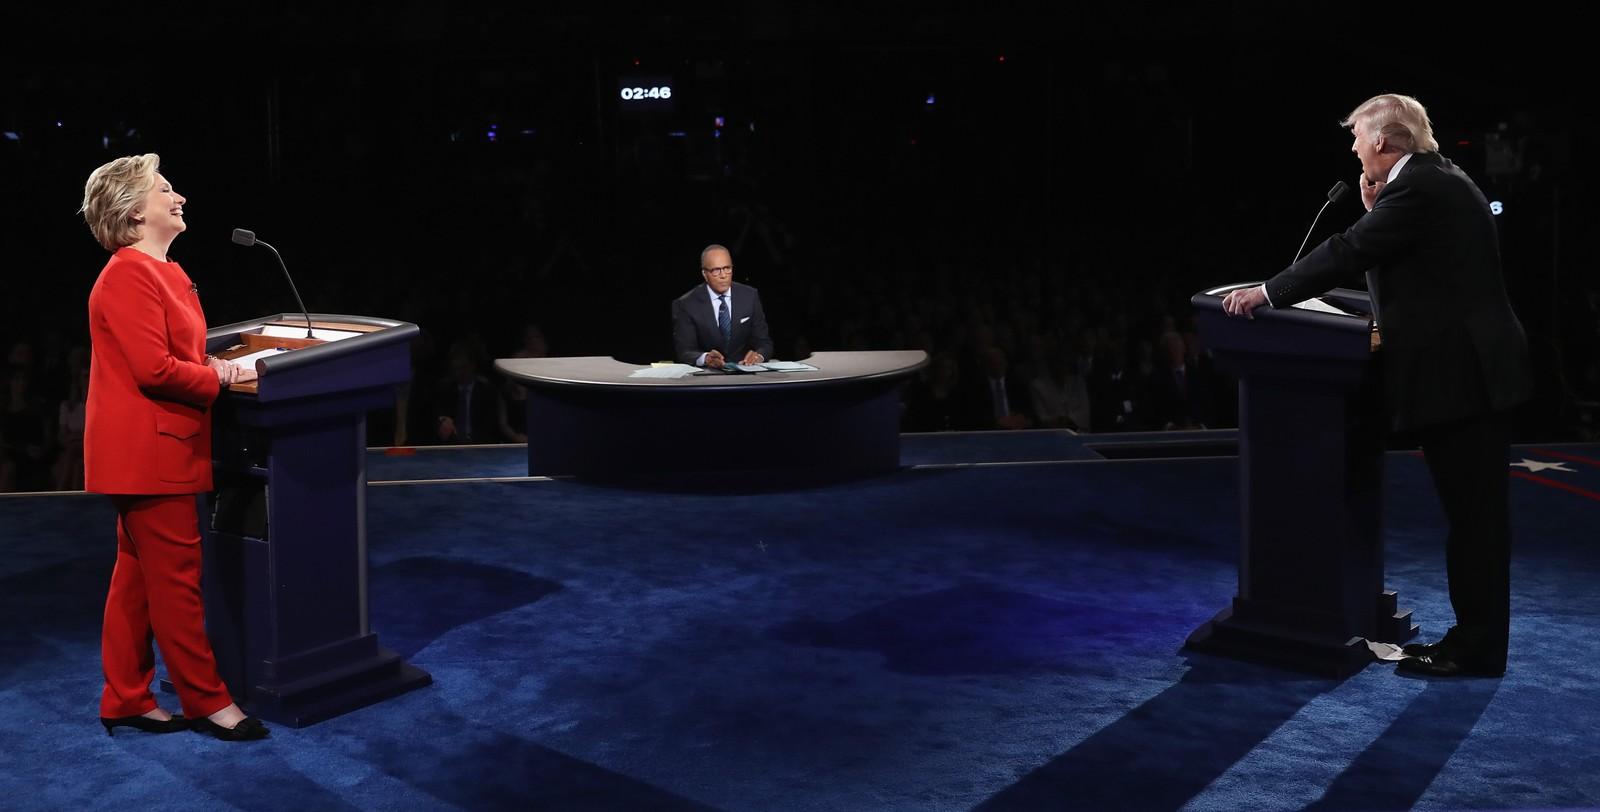 Debatten er den første av i alt tre mellom Trump og Hillary. Hver av dem har forskjellig moderator. Denne gangen var det Lester Holt fra tv-kanalen NBC.